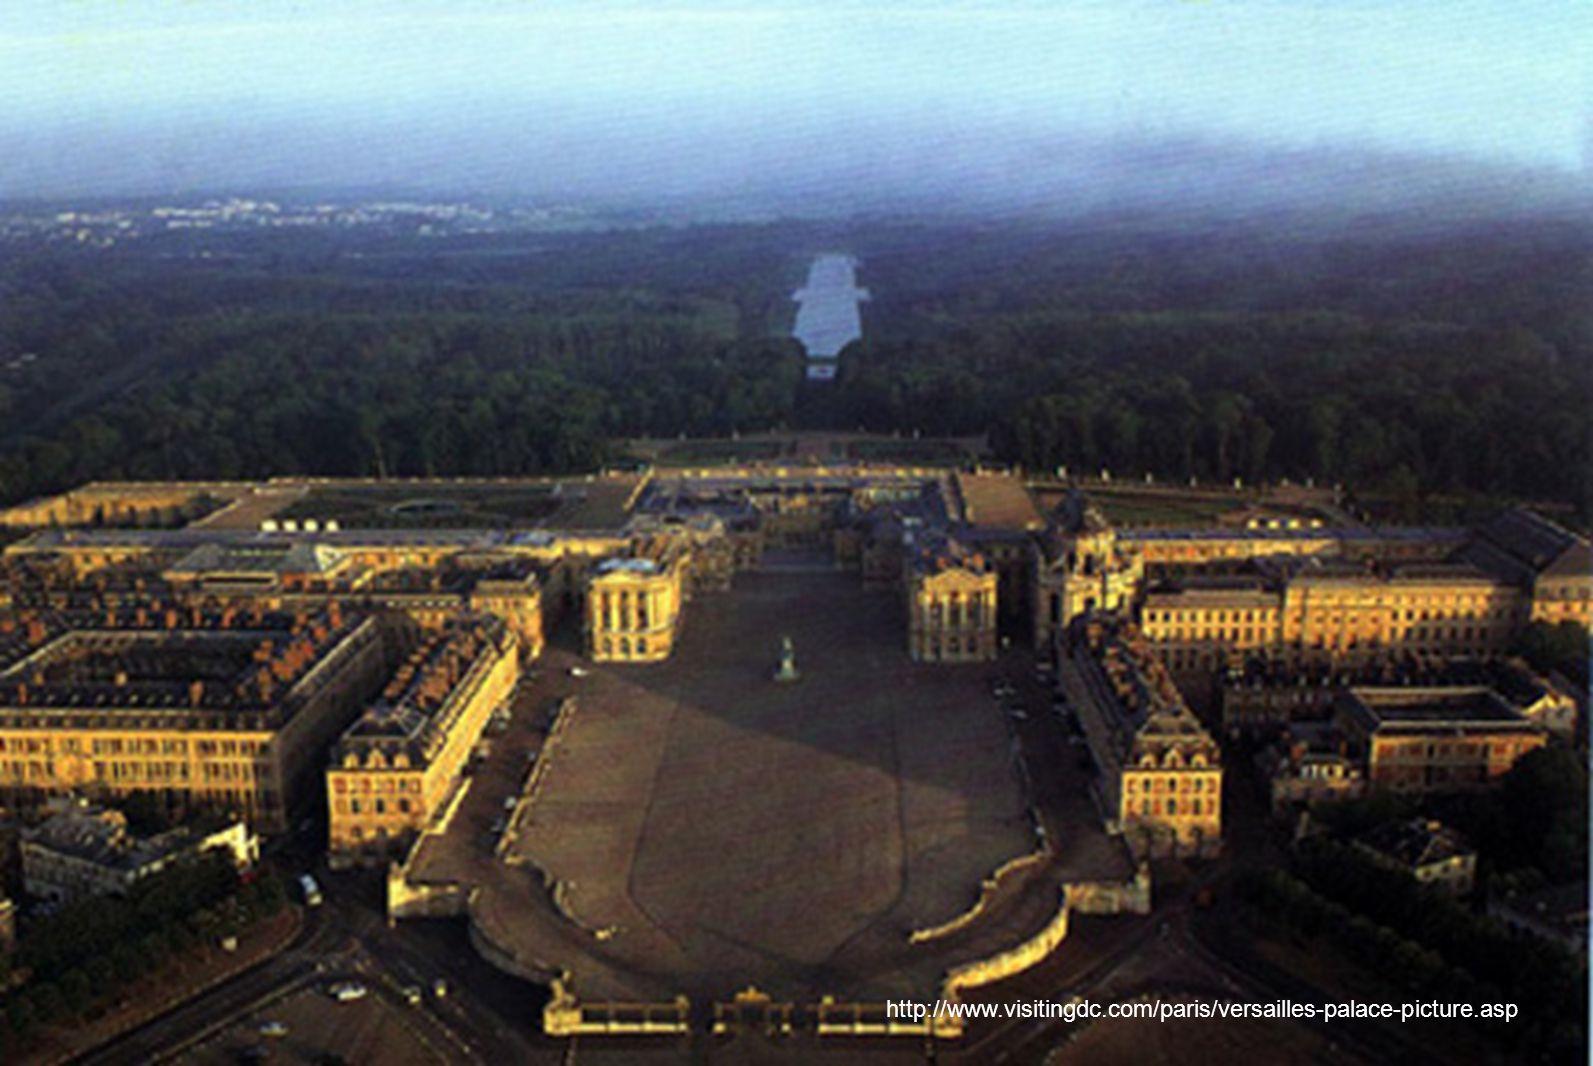 http://www.visitingdc.com/paris/versailles-palace-picture.asp